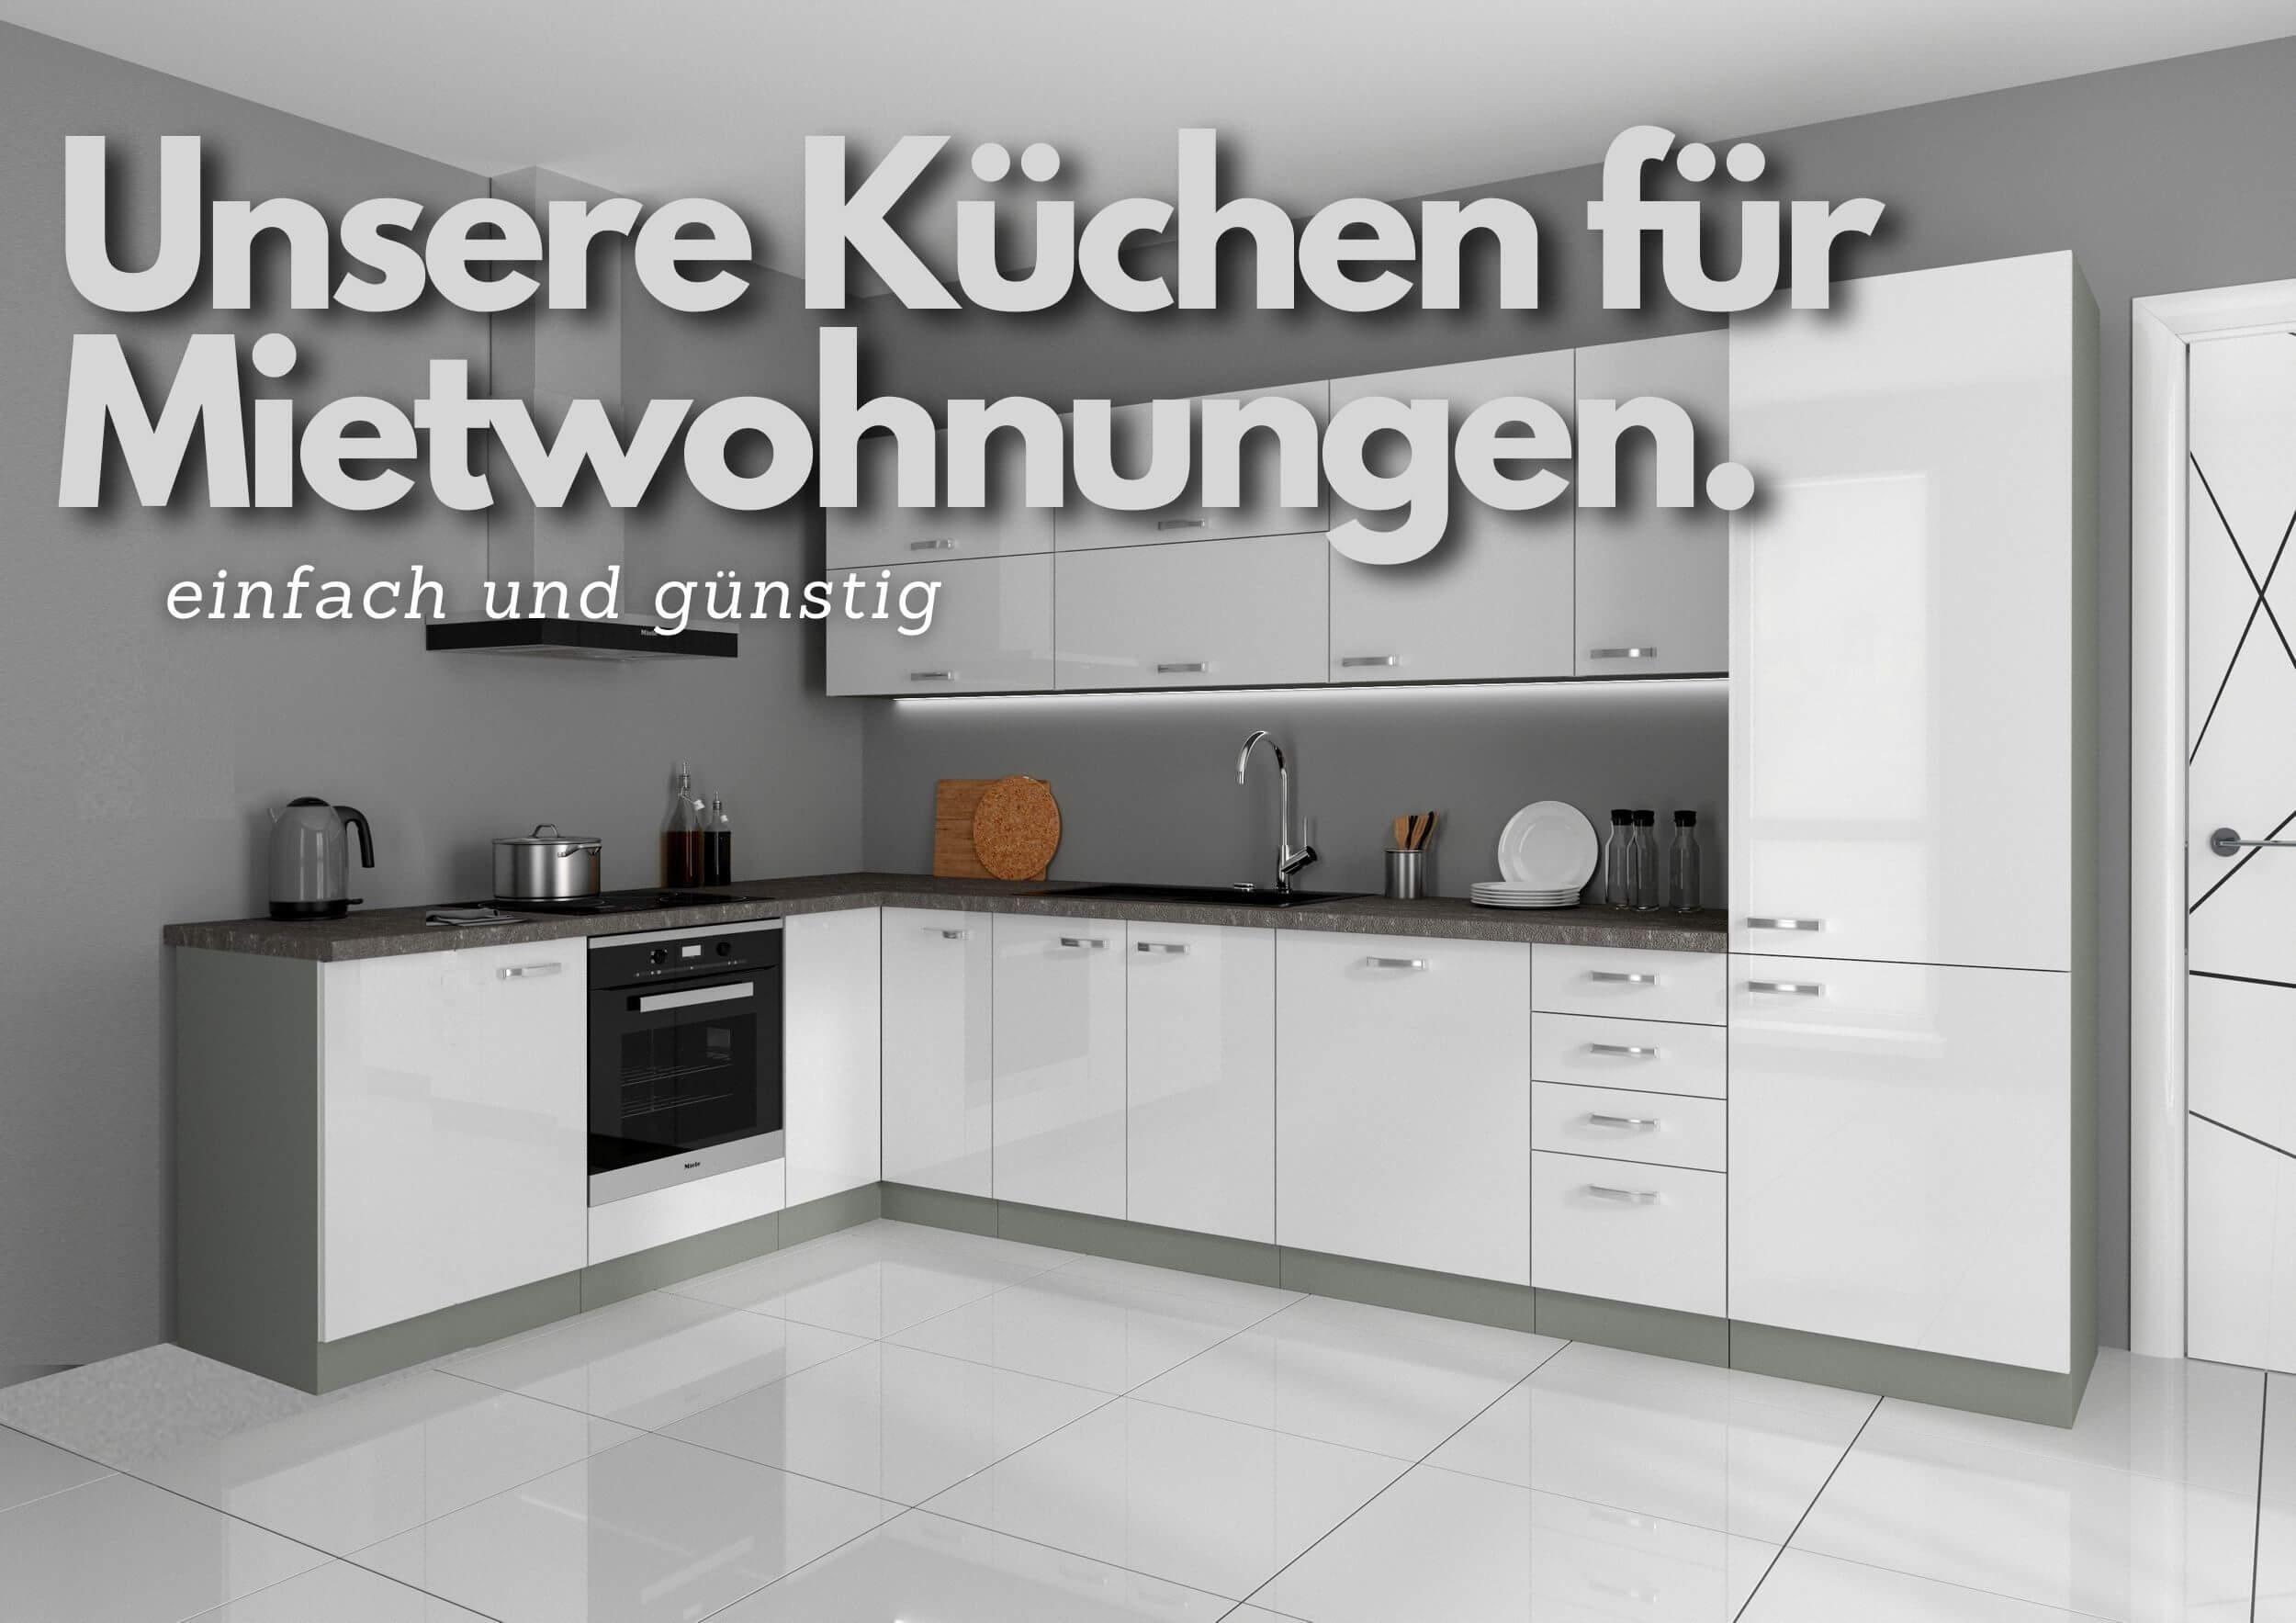 Prestige Küchen Bensheim - Einbauküchen/Einzelteile